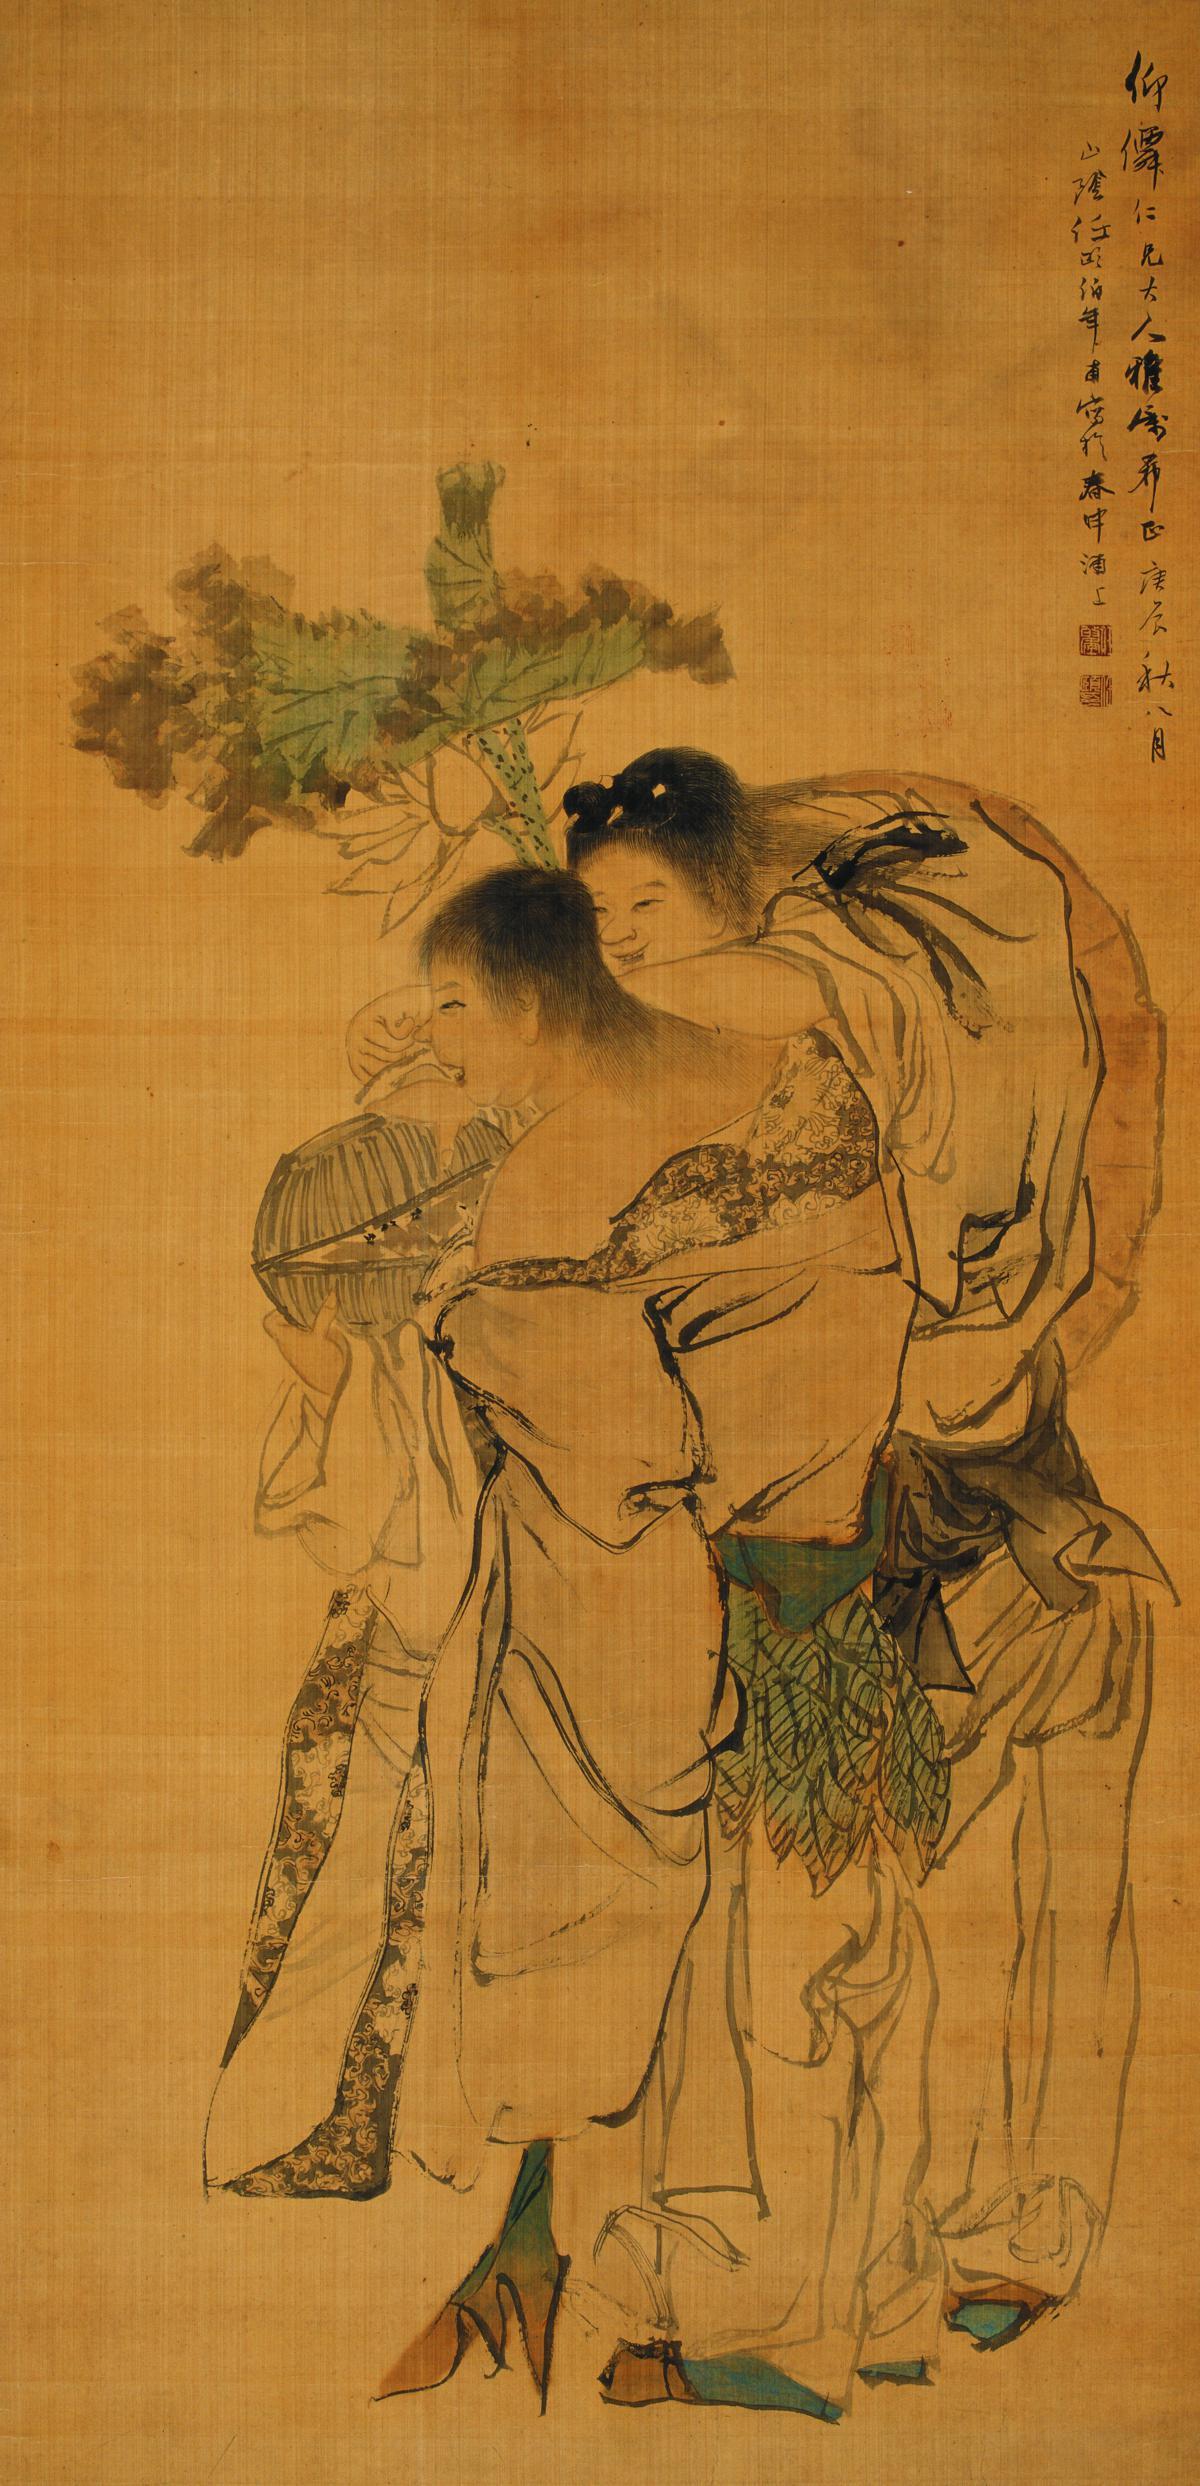 [转载]【绘画欣赏】清代名家人物画